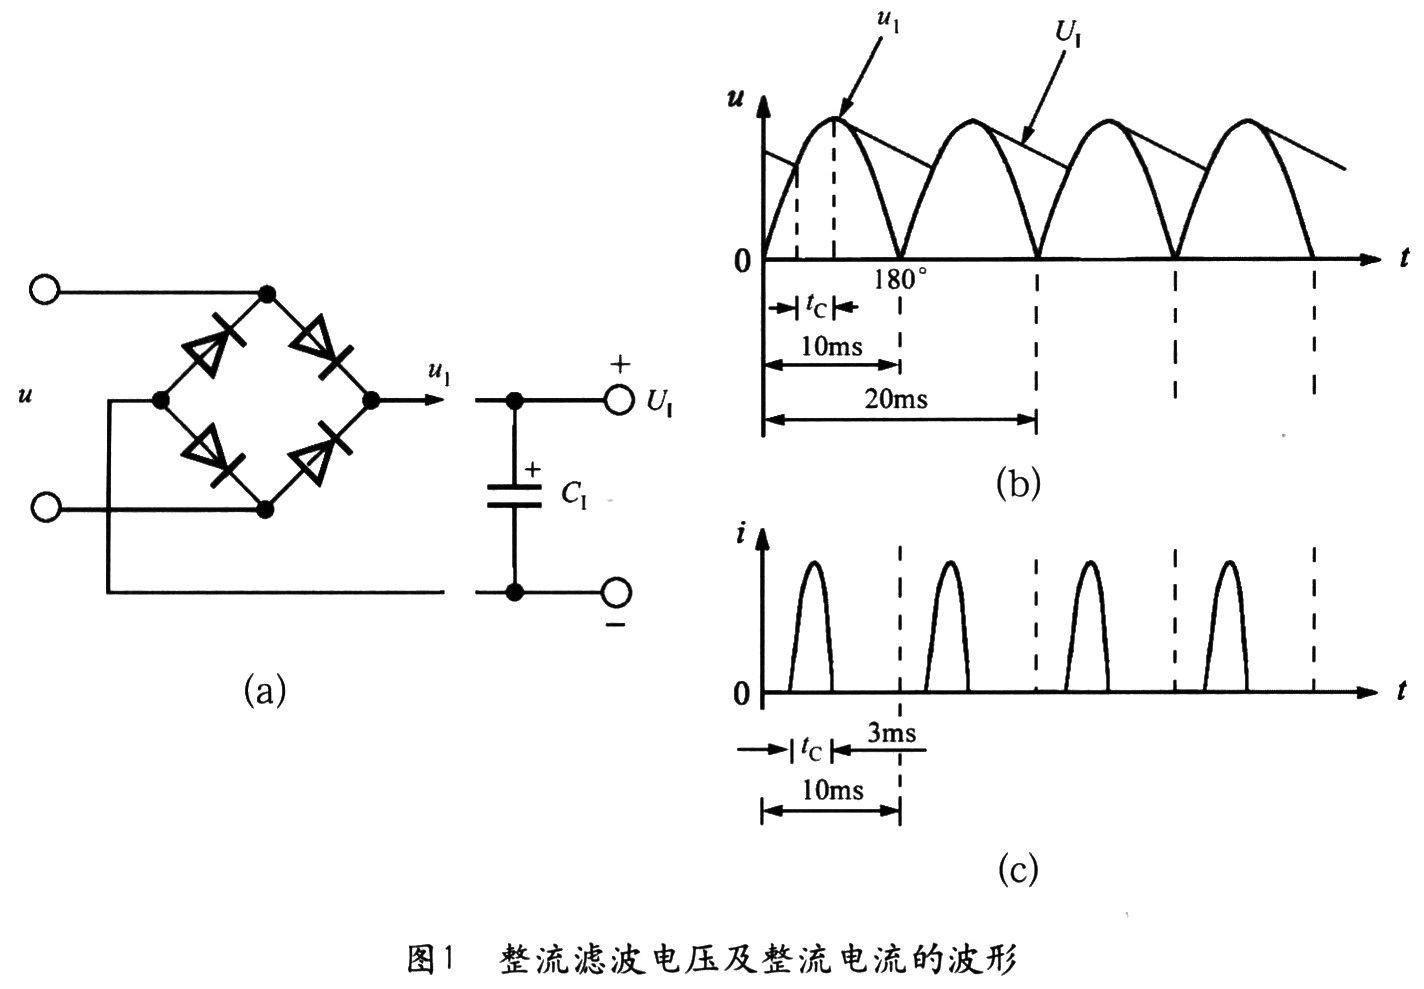 桥式整流滤波电路的原 理如图1(a)所示,整流滤波电压及整流电流的波形